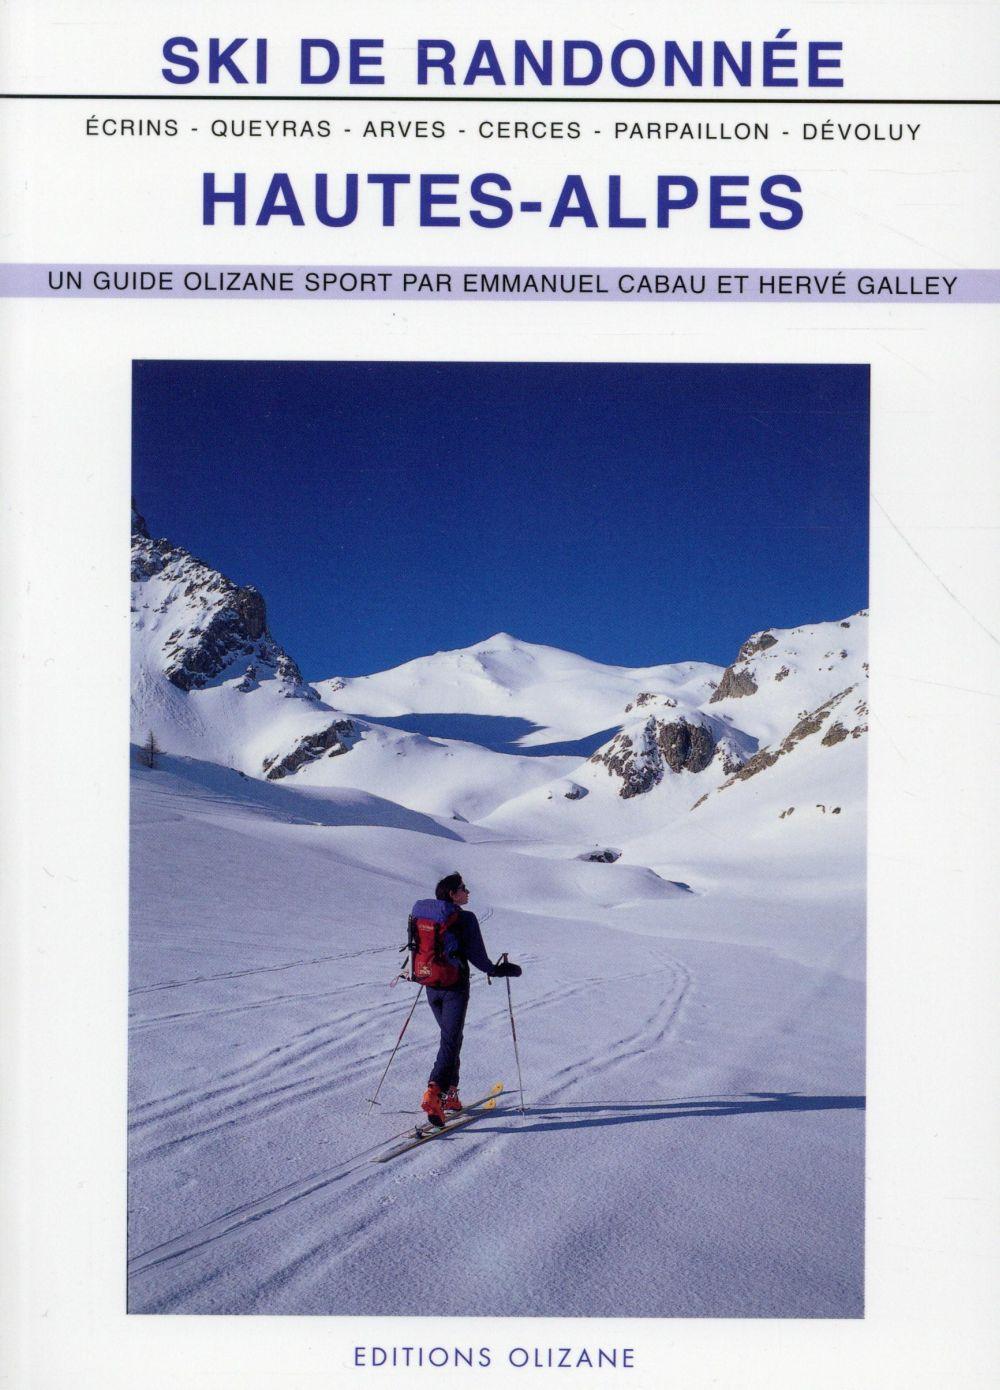 Ski de randonnée, Hautes-Alpes